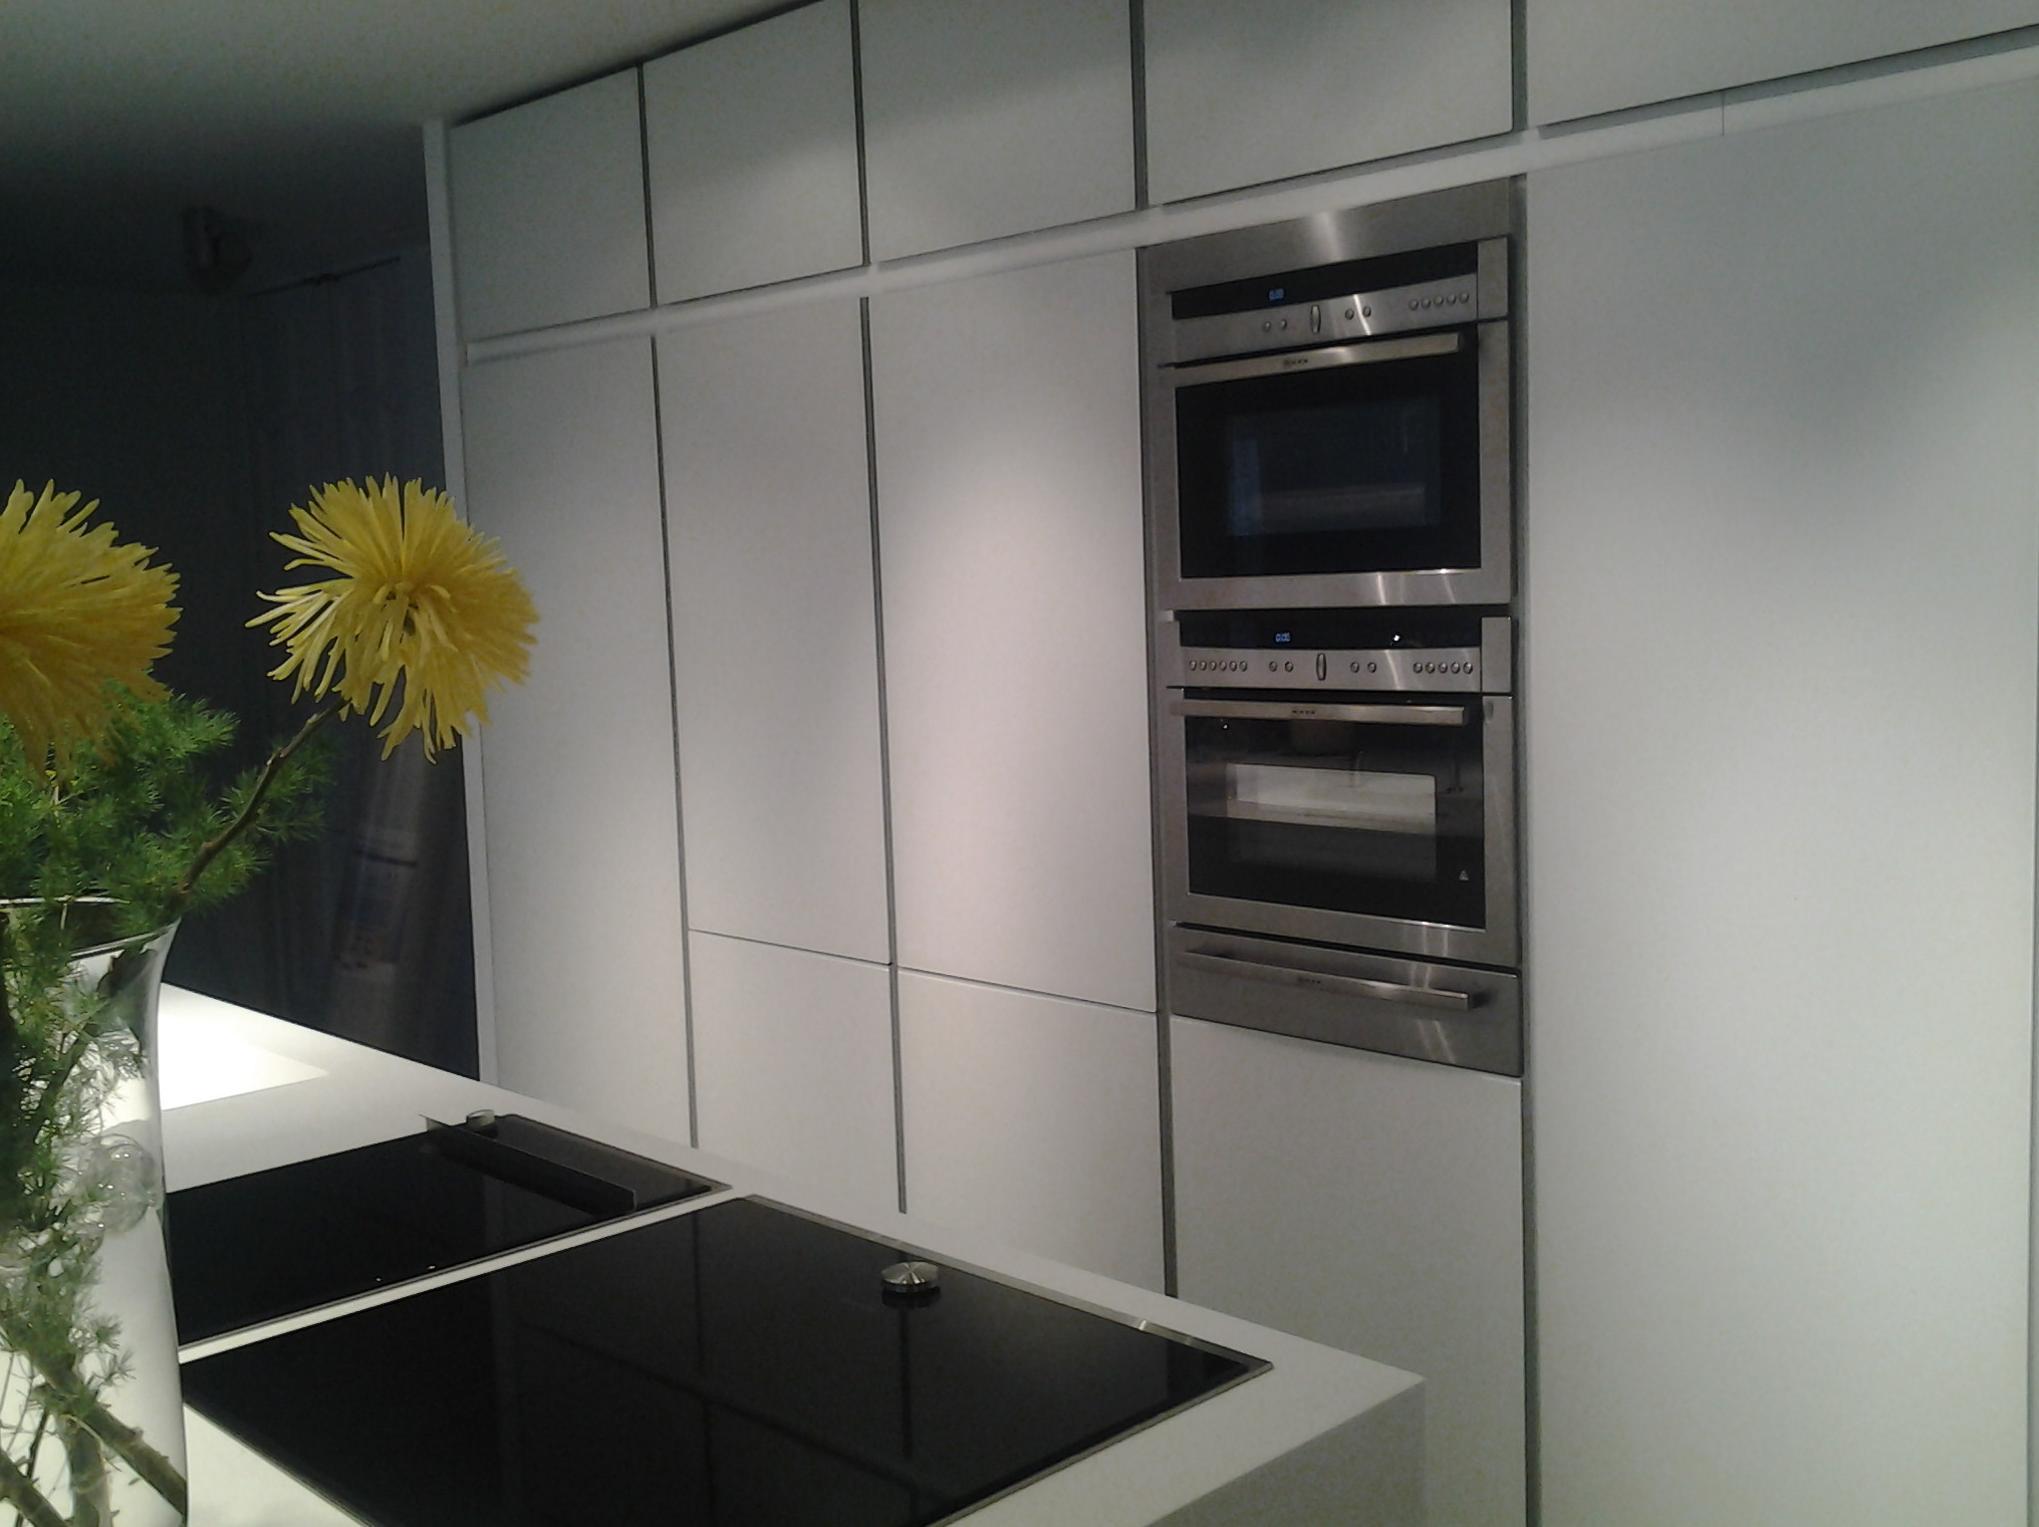 Foto 1 de Muebles de baño y cocina en Fuenlabrada | Estudio ...